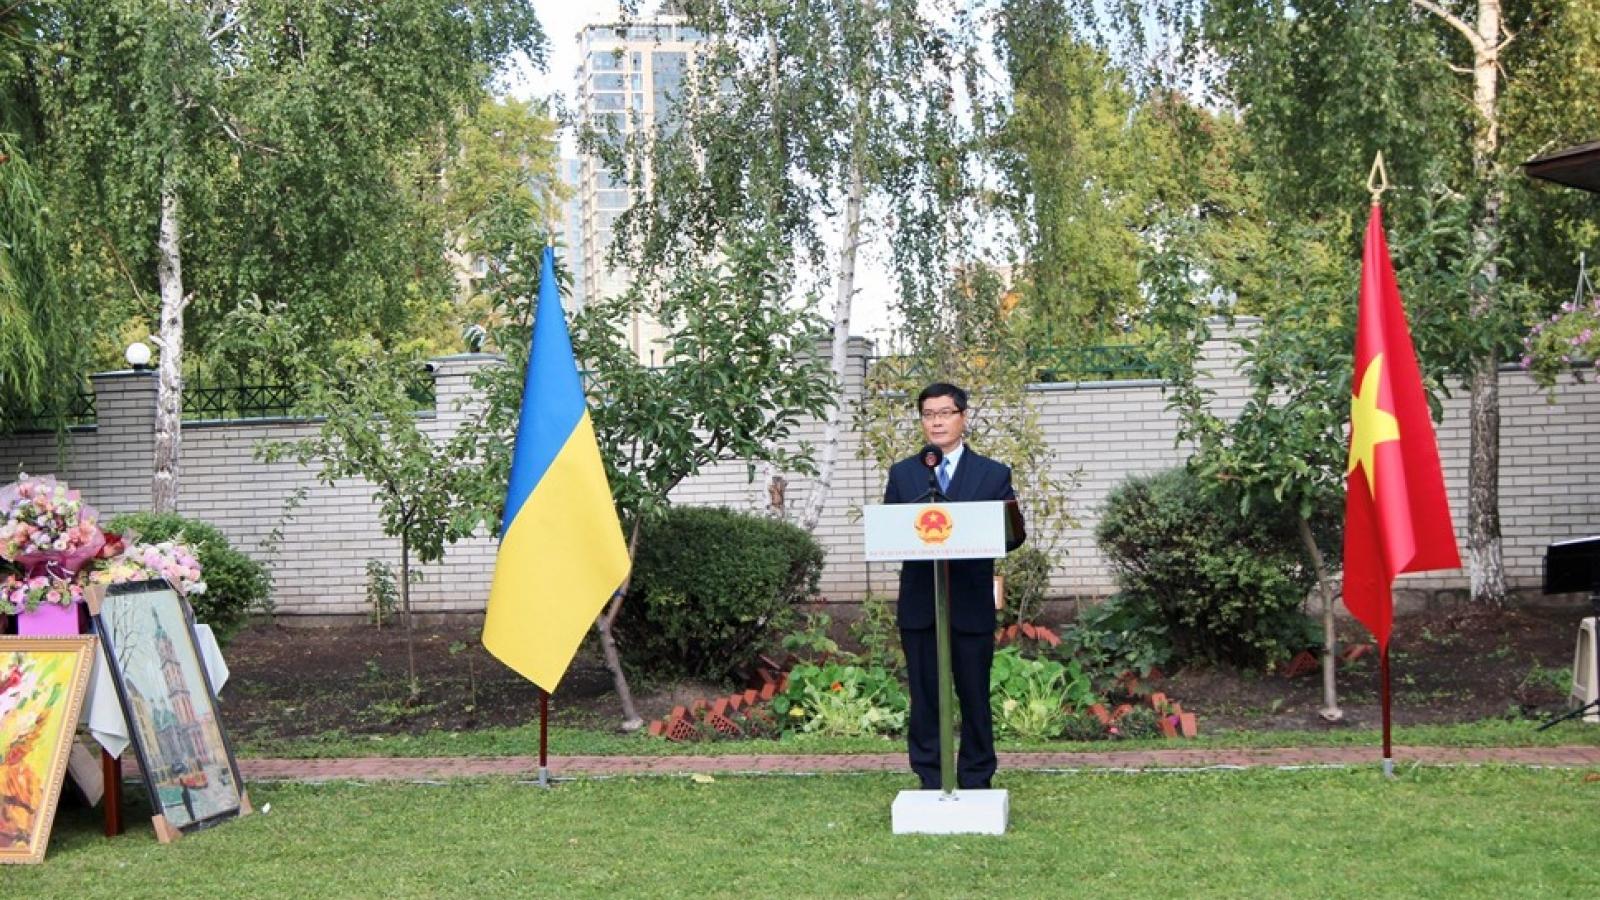 Đại sứ quán Việt Nam tại Ukraine tổ chức kỷ niệm 76 năm Quốc khánh